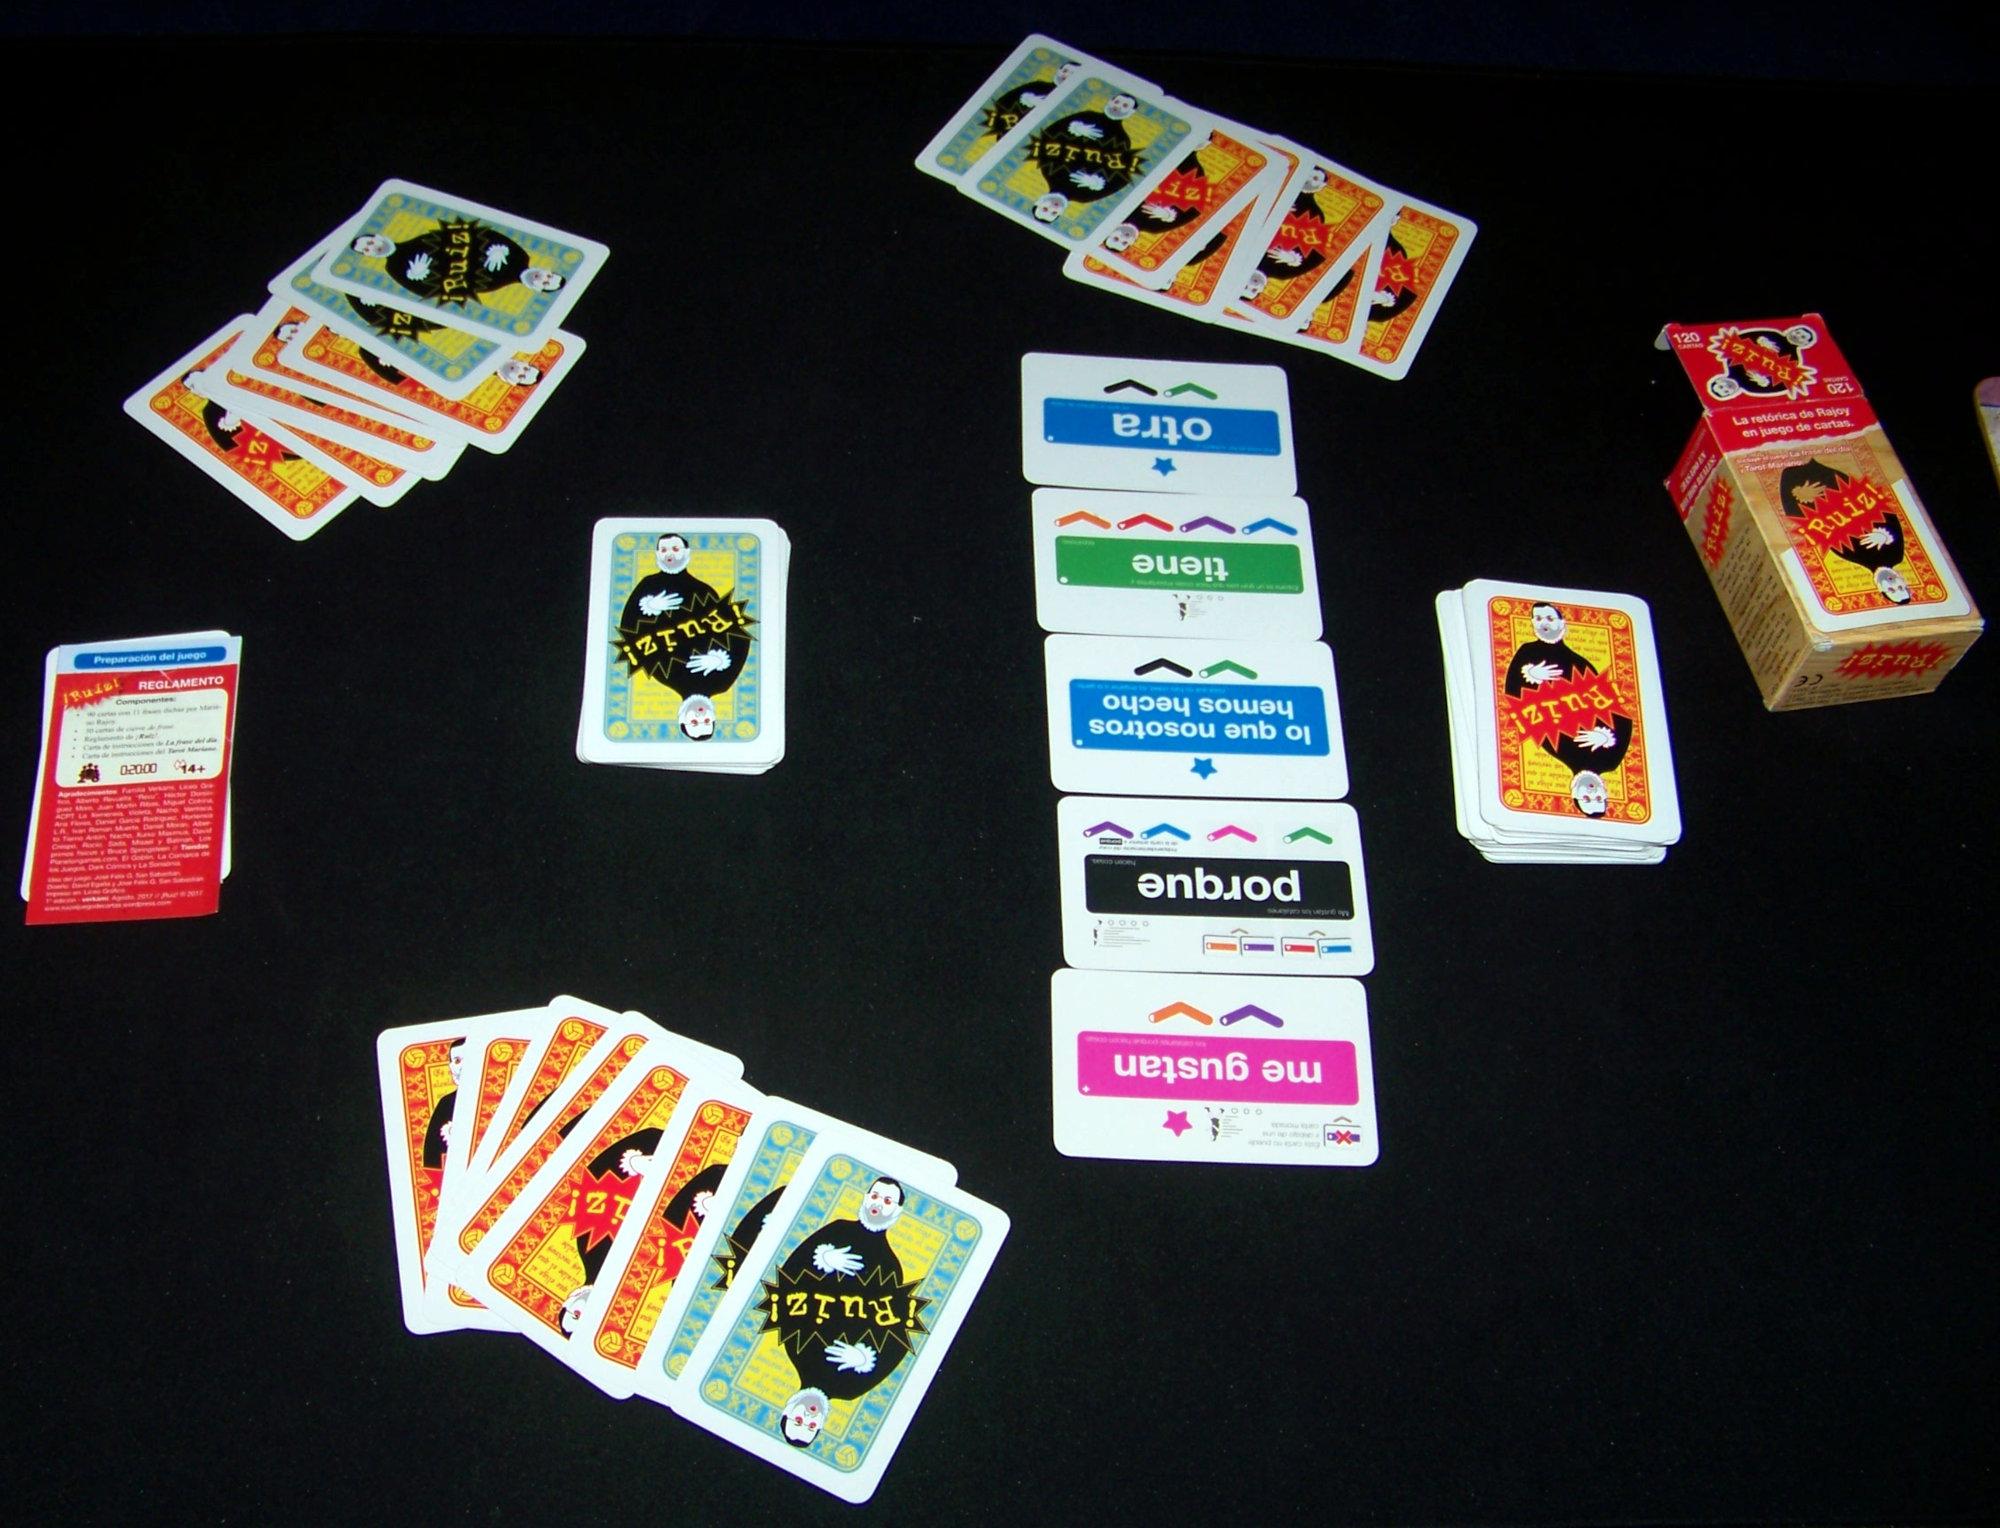 Juego de mesa ¡Ruiz! - durante la partida